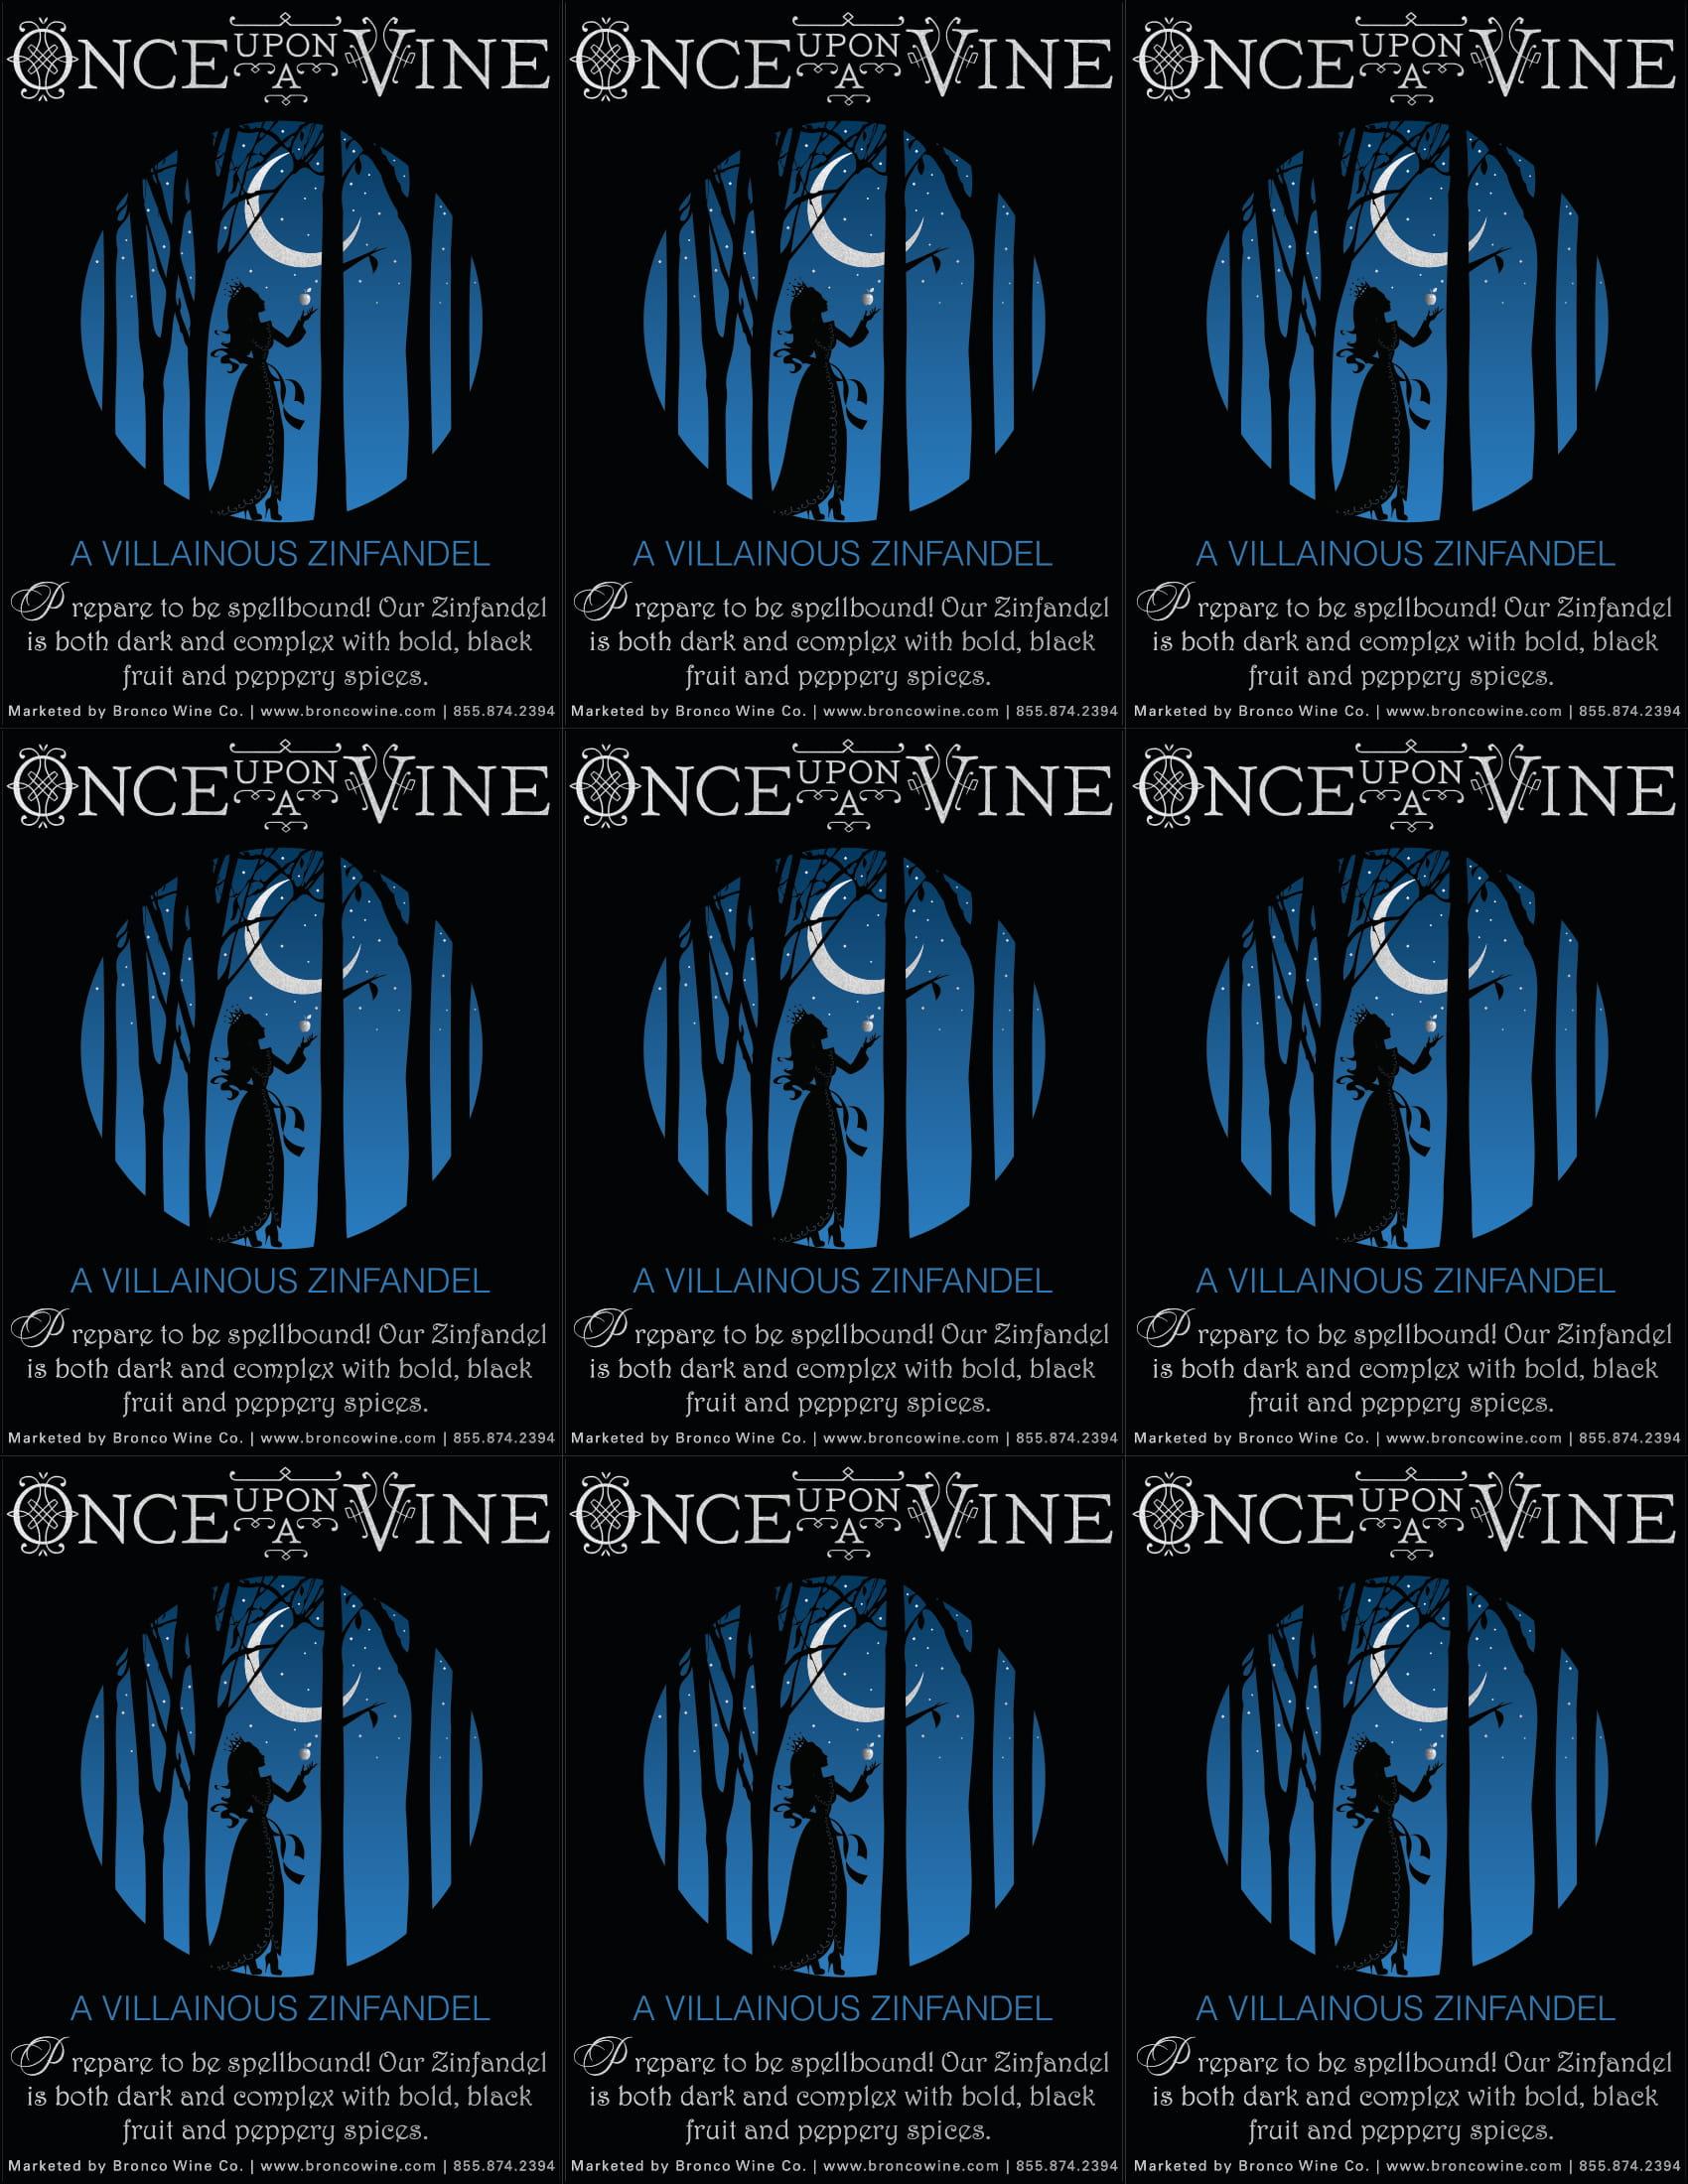 Once Upon A Vine A Villainous Zinfandel Shelf Talker